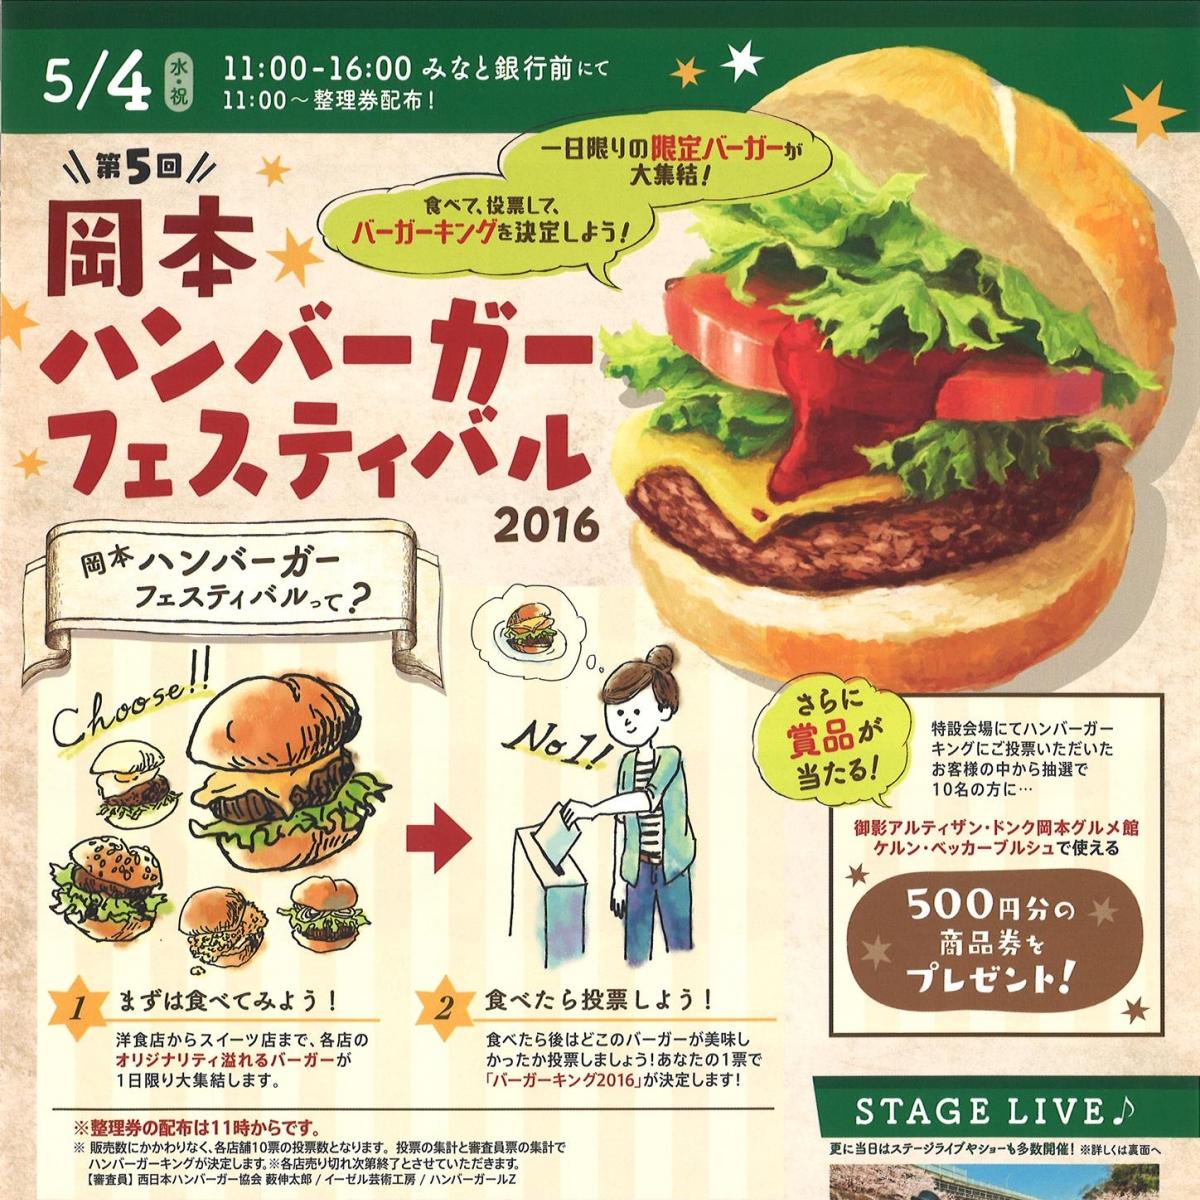 岡本ハンバーガーフェスティバル2016